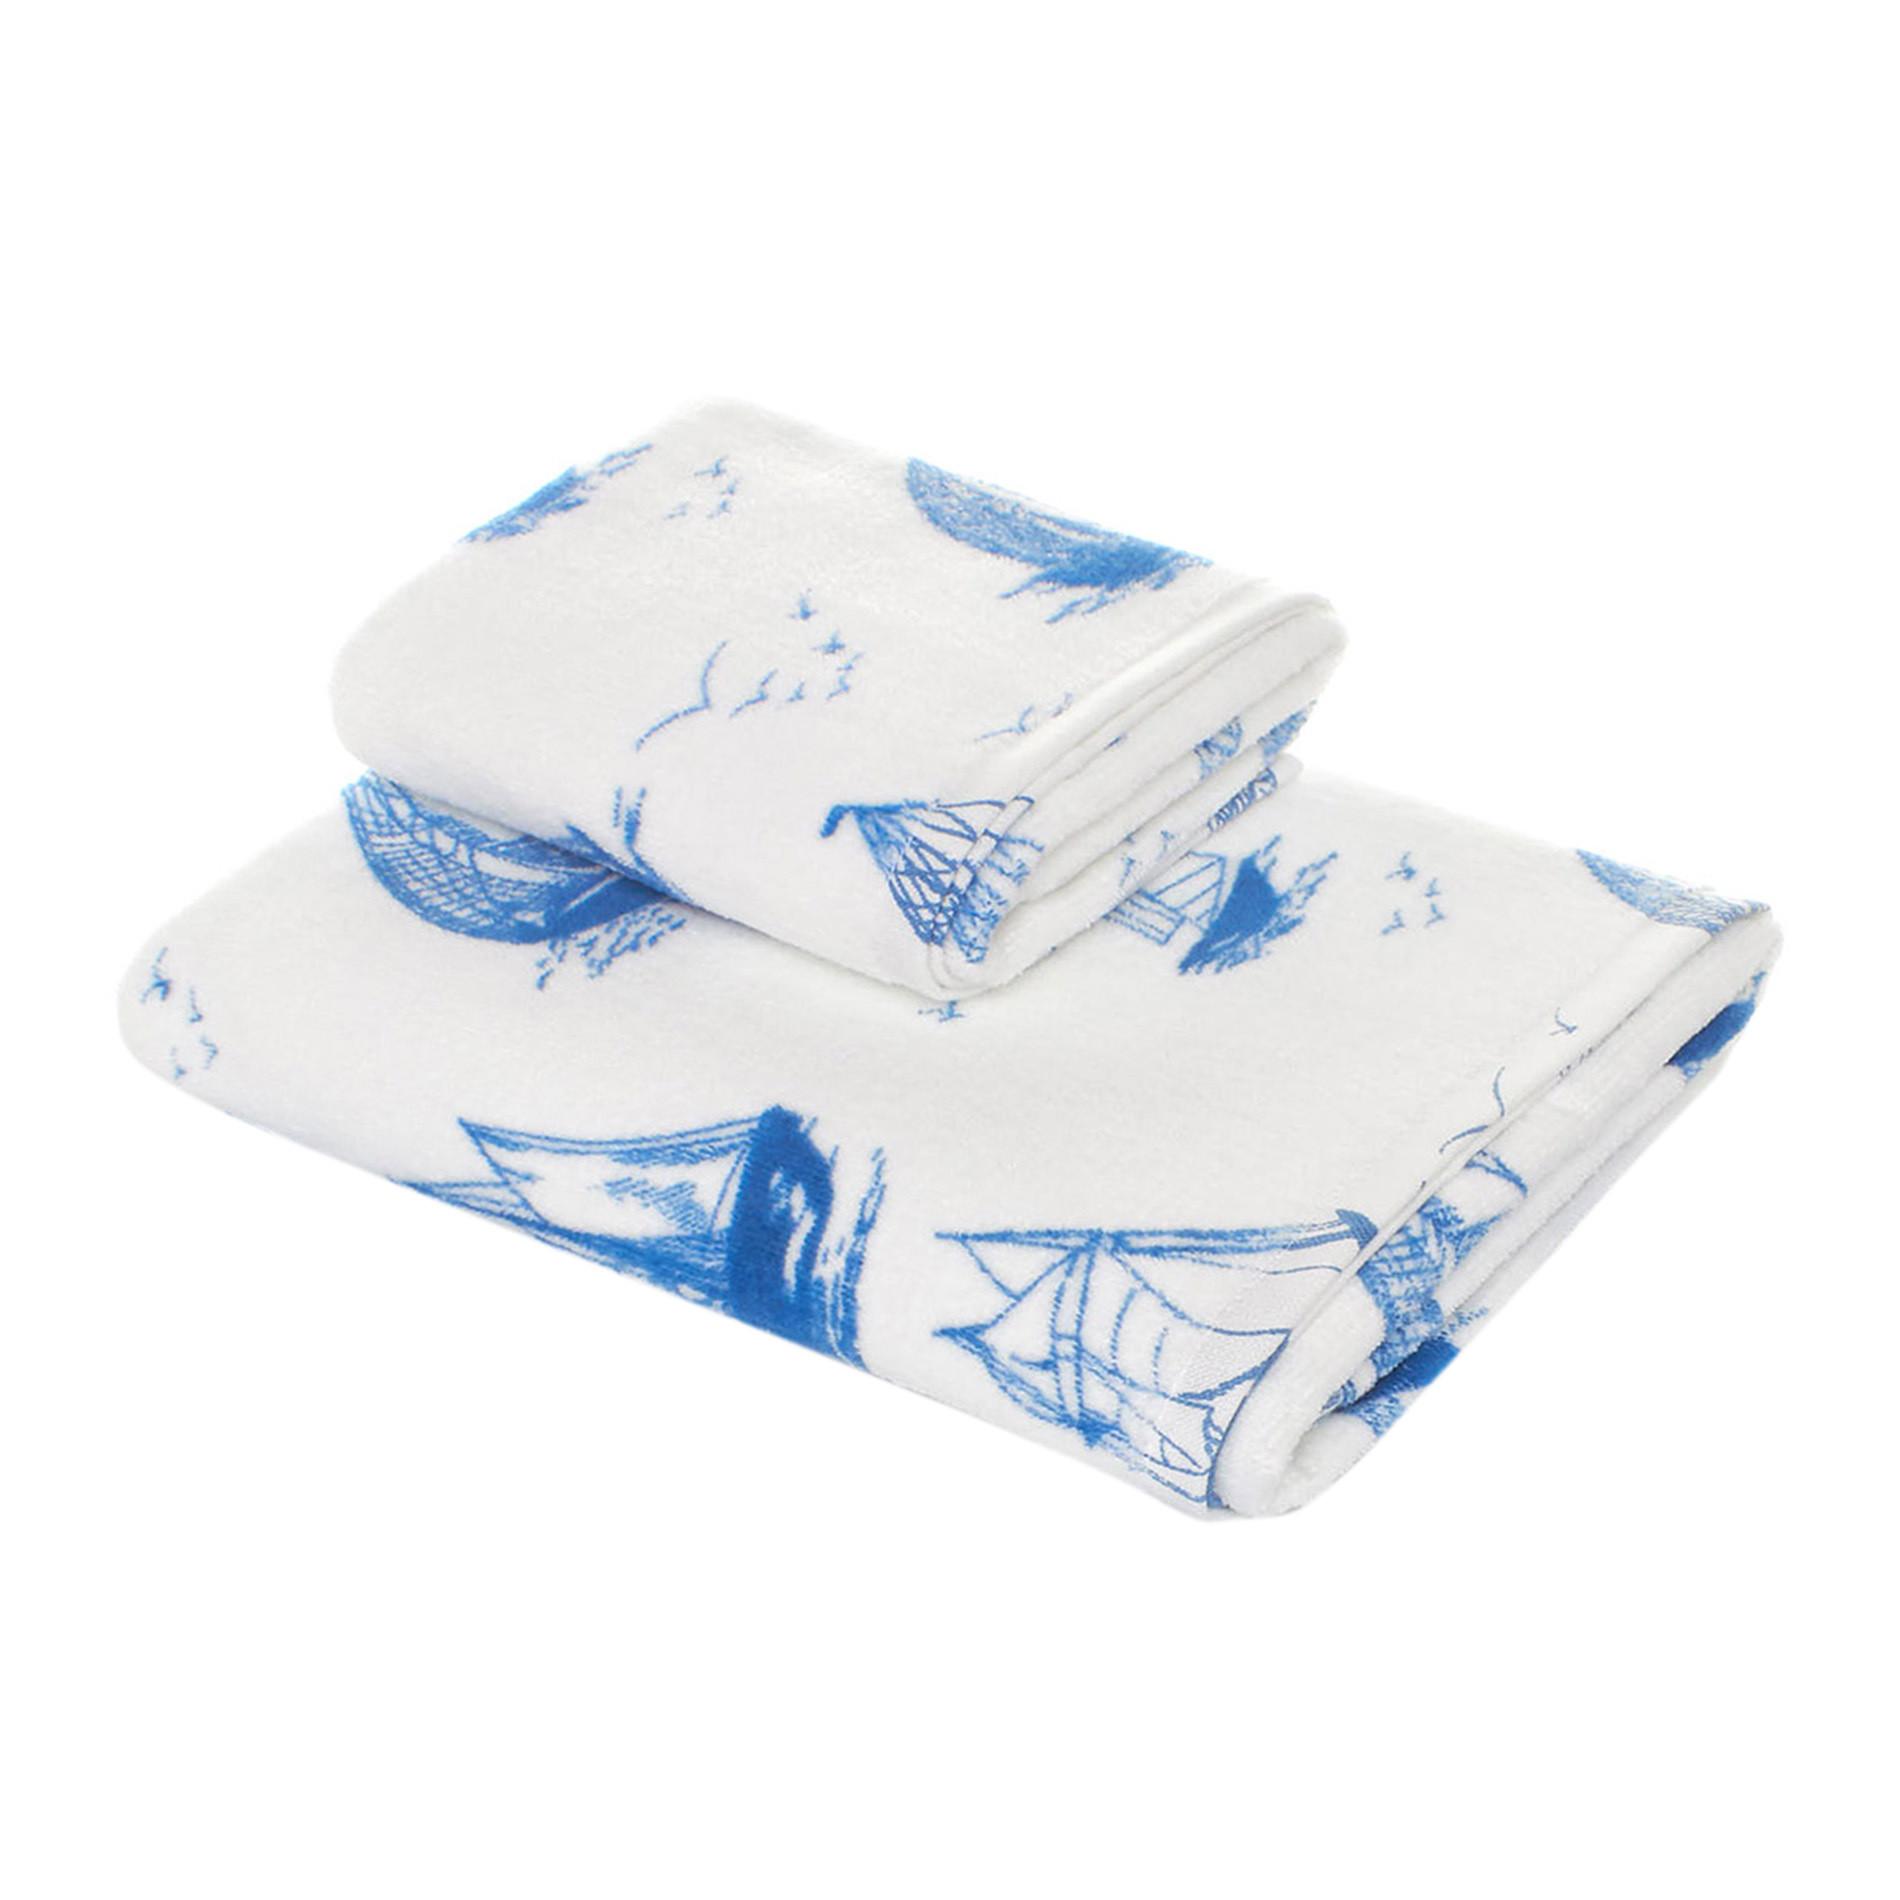 Asciugamano velour puro cotone stampa velieri coincasa - Saldi coin casa ...